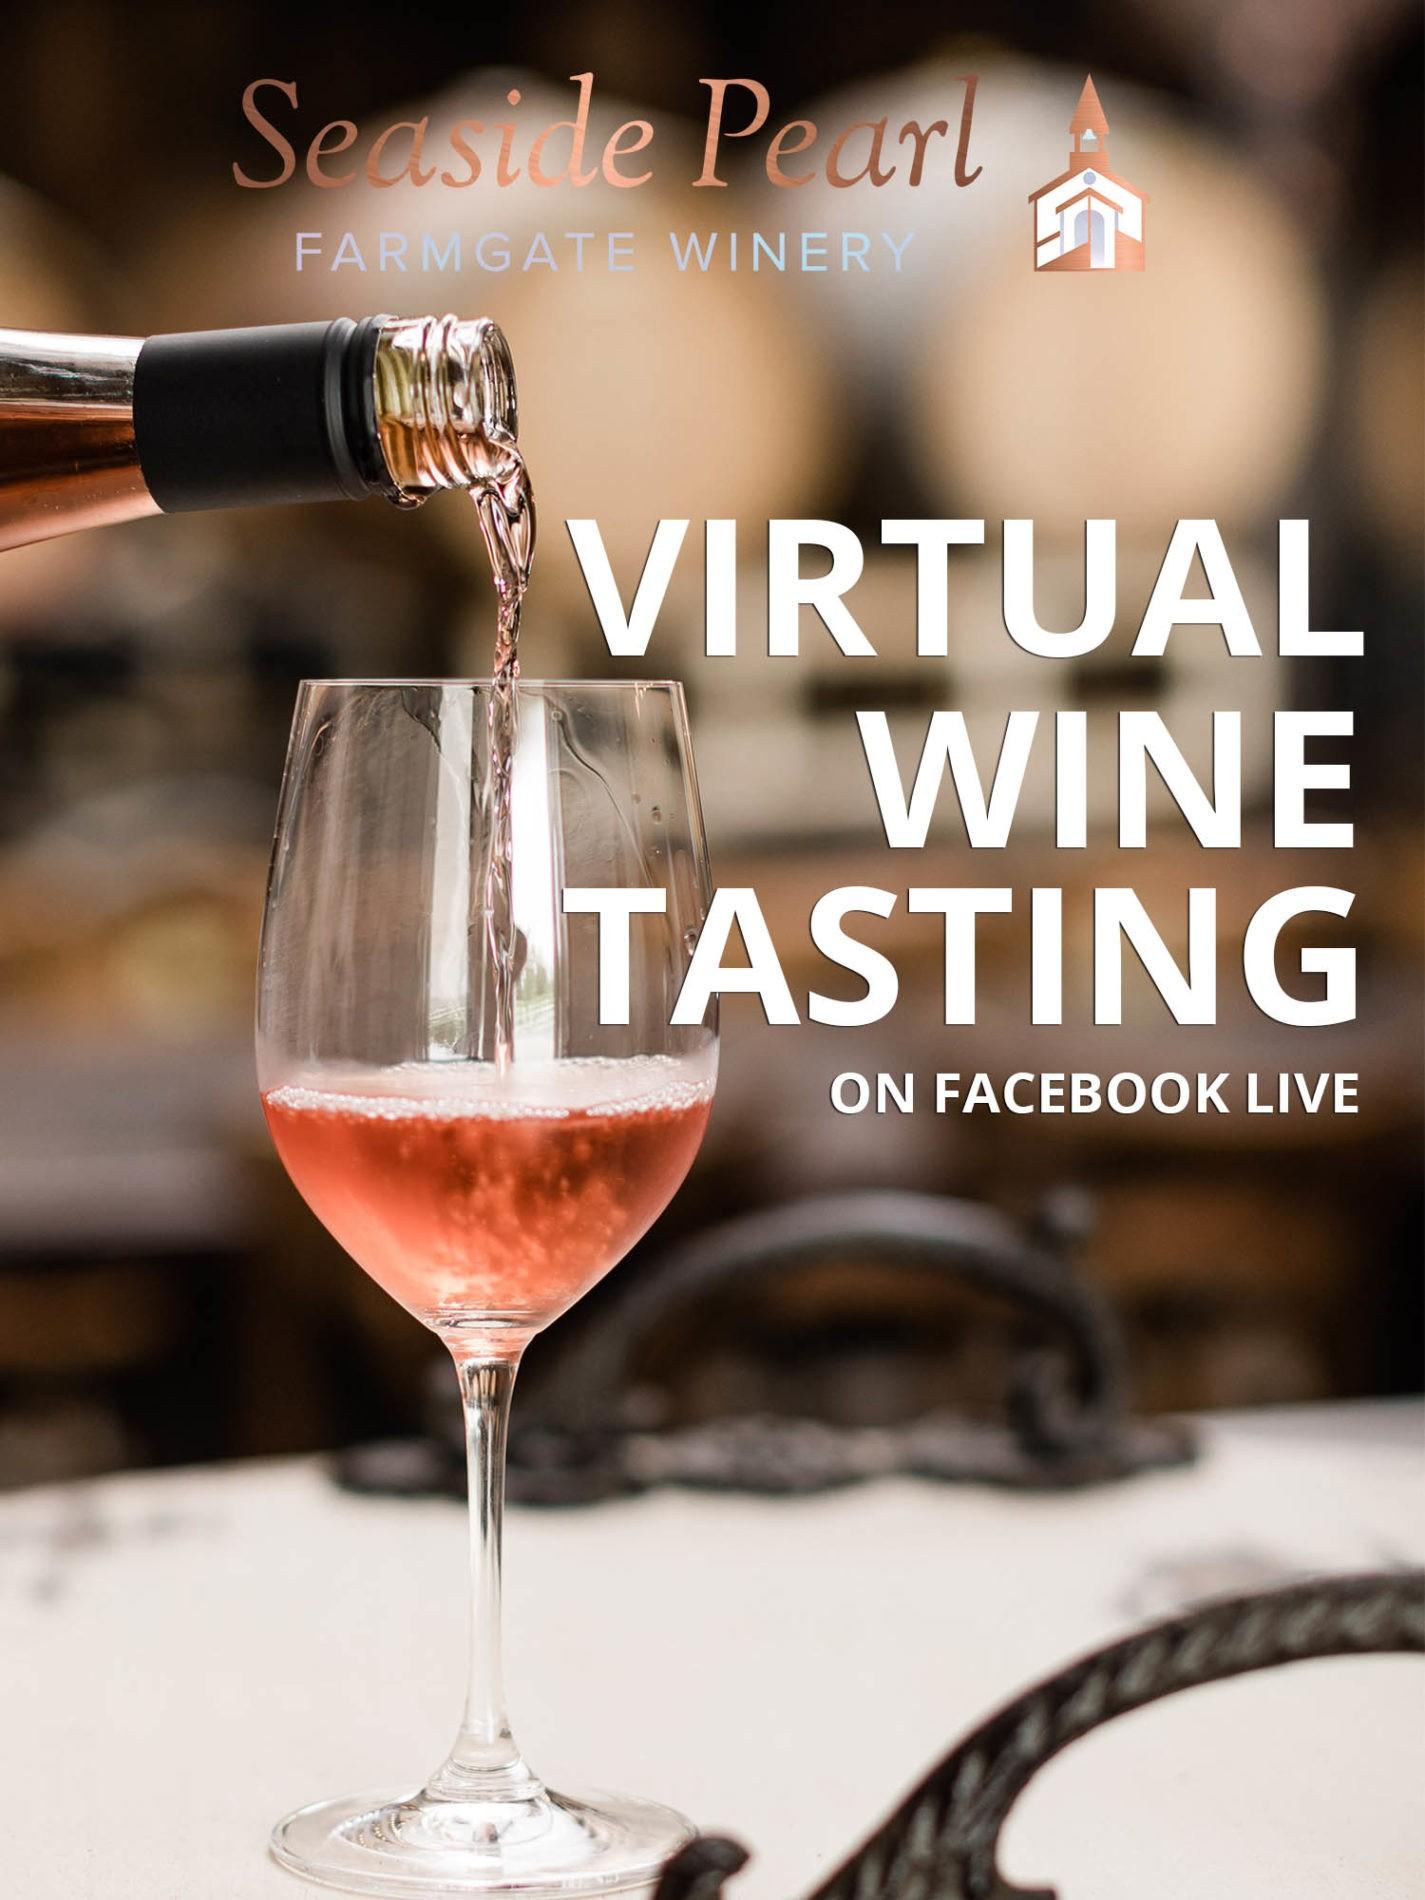 VIRTUAL WINE TASTING 1 HDBP5J.tmp  - Seaside Pearl Virtual Wine Tasting